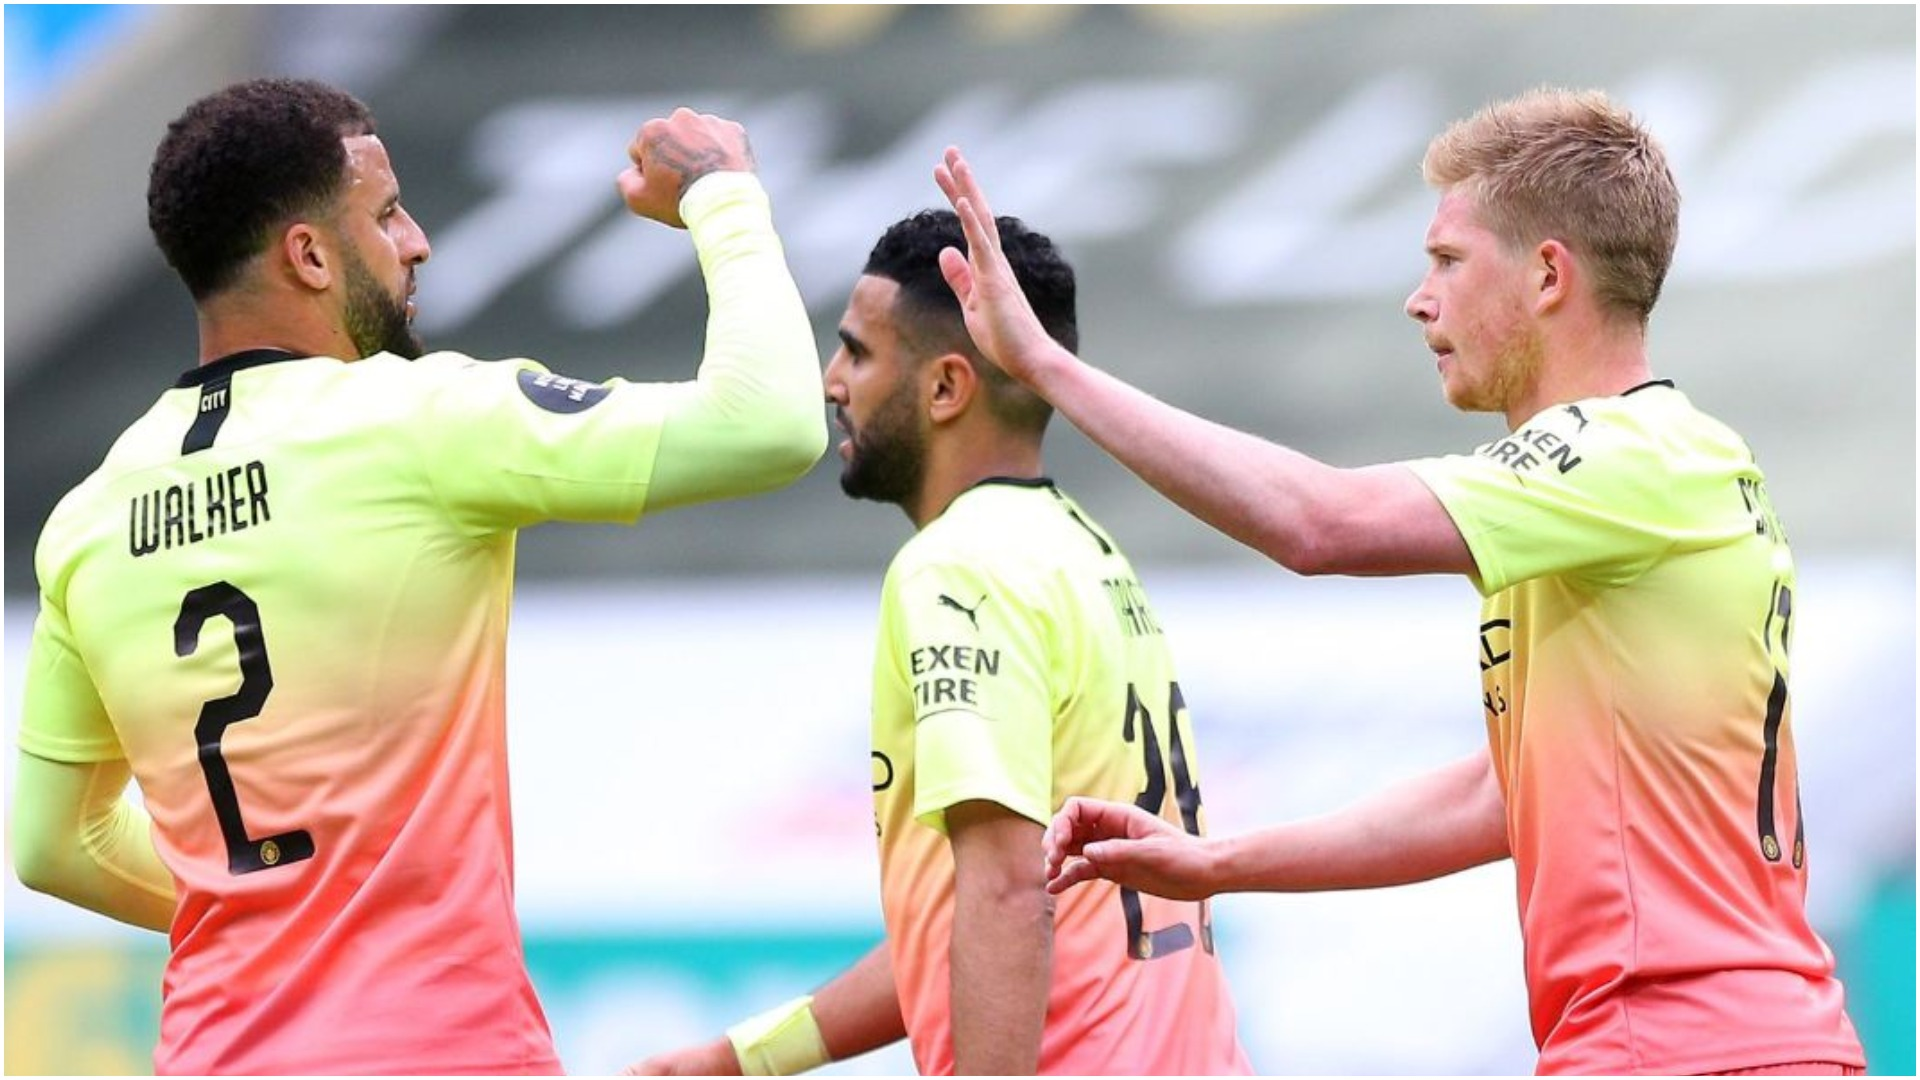 De Bruyne: Ishim shumë lart, ka një shkak pse Guardiola më ndërroi pozicion